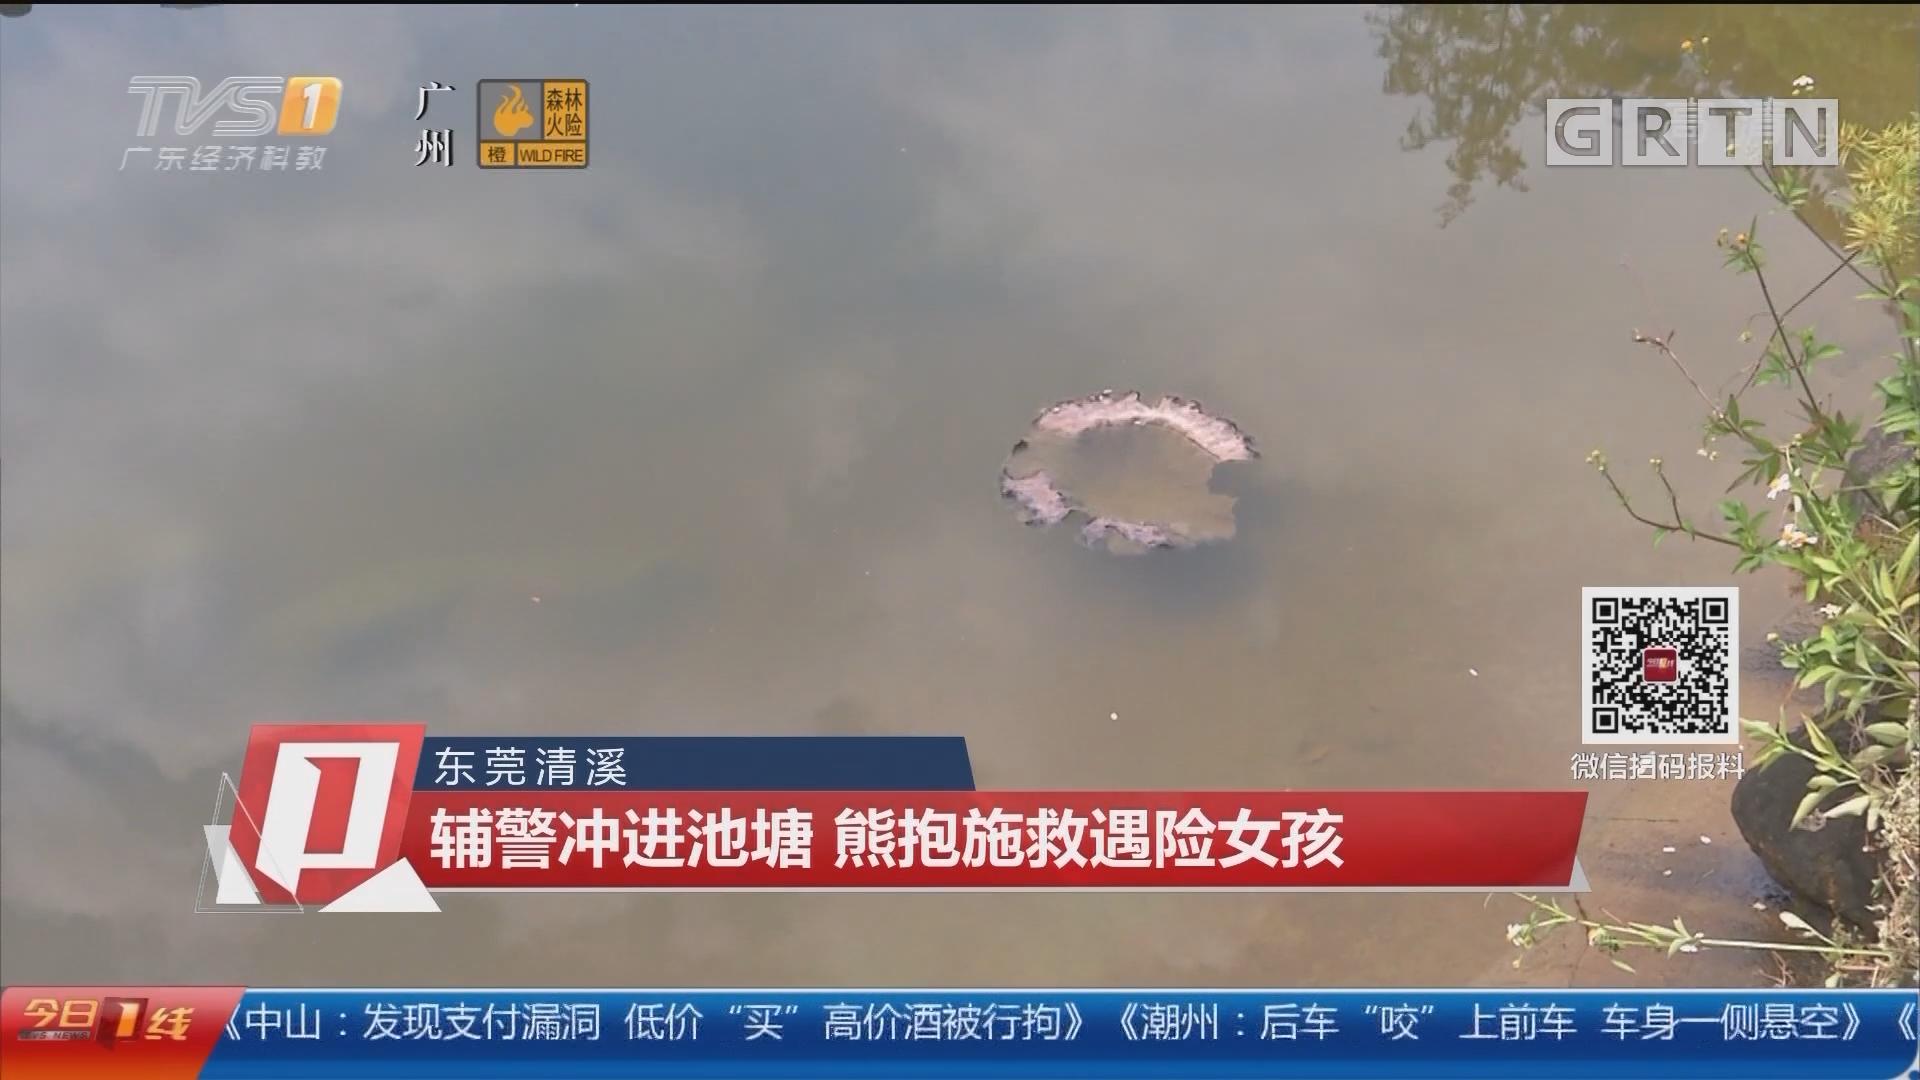 东莞清溪 辅警冲进池塘 熊抱施救遇险女孩